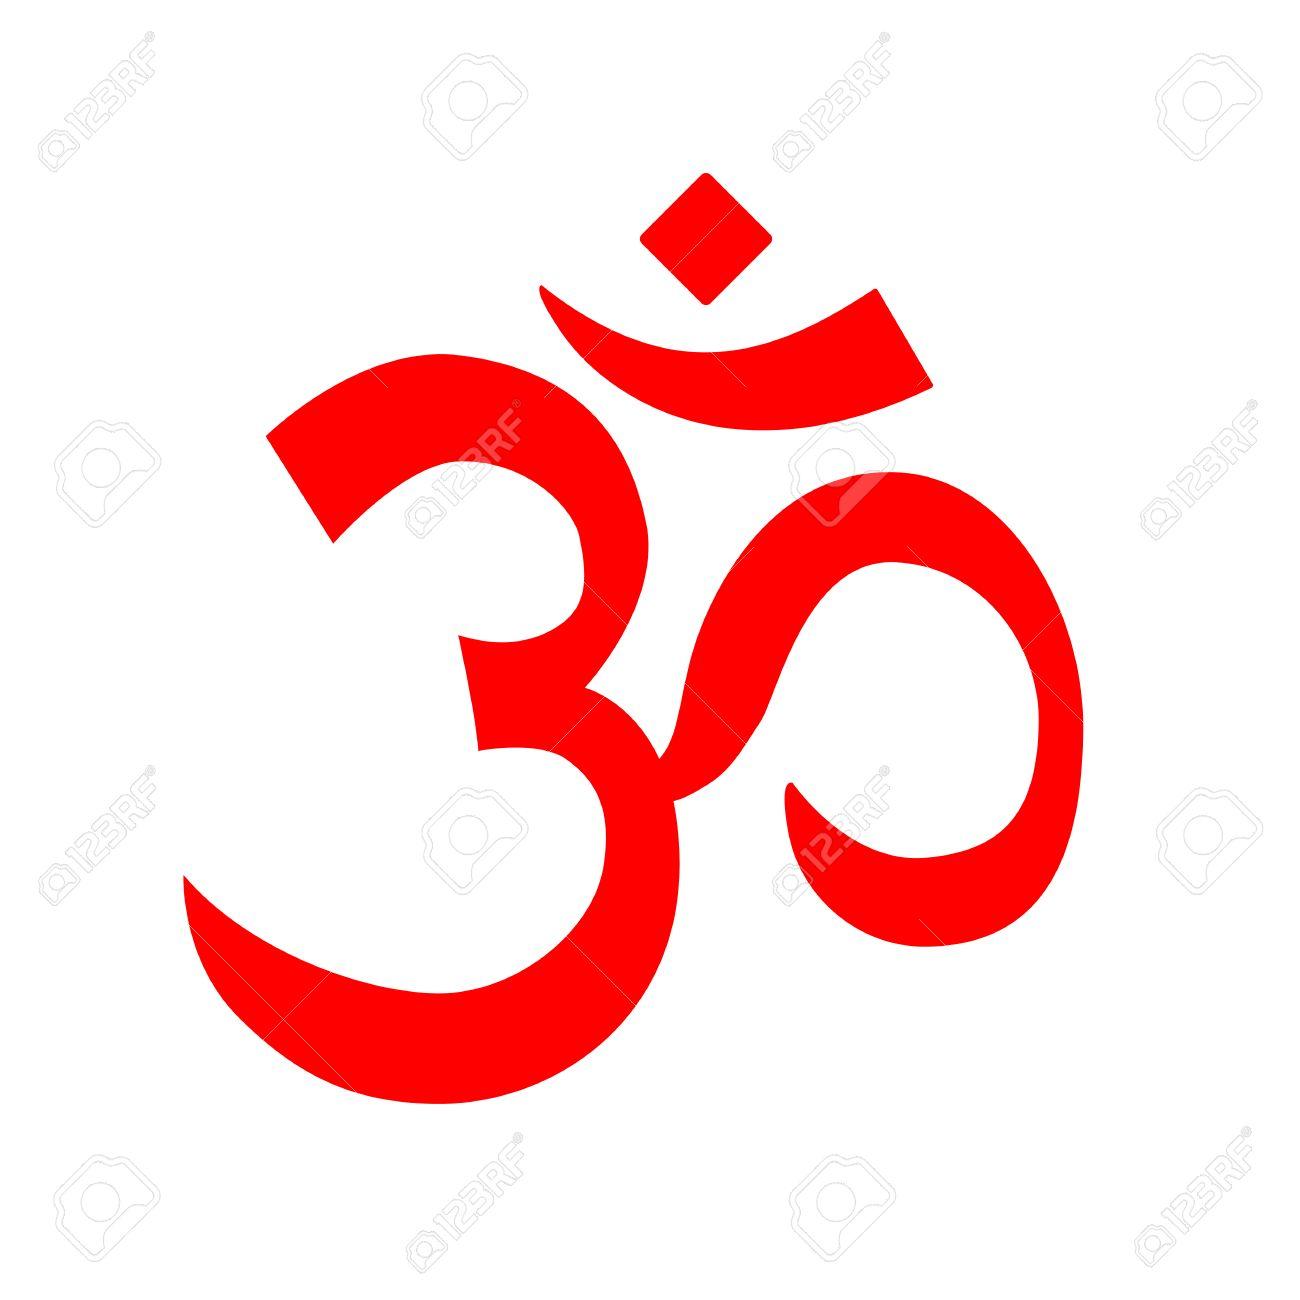 Red Vektor Om Symbol Aum Logo Symbol Von Hinduismus Und Buddhismus